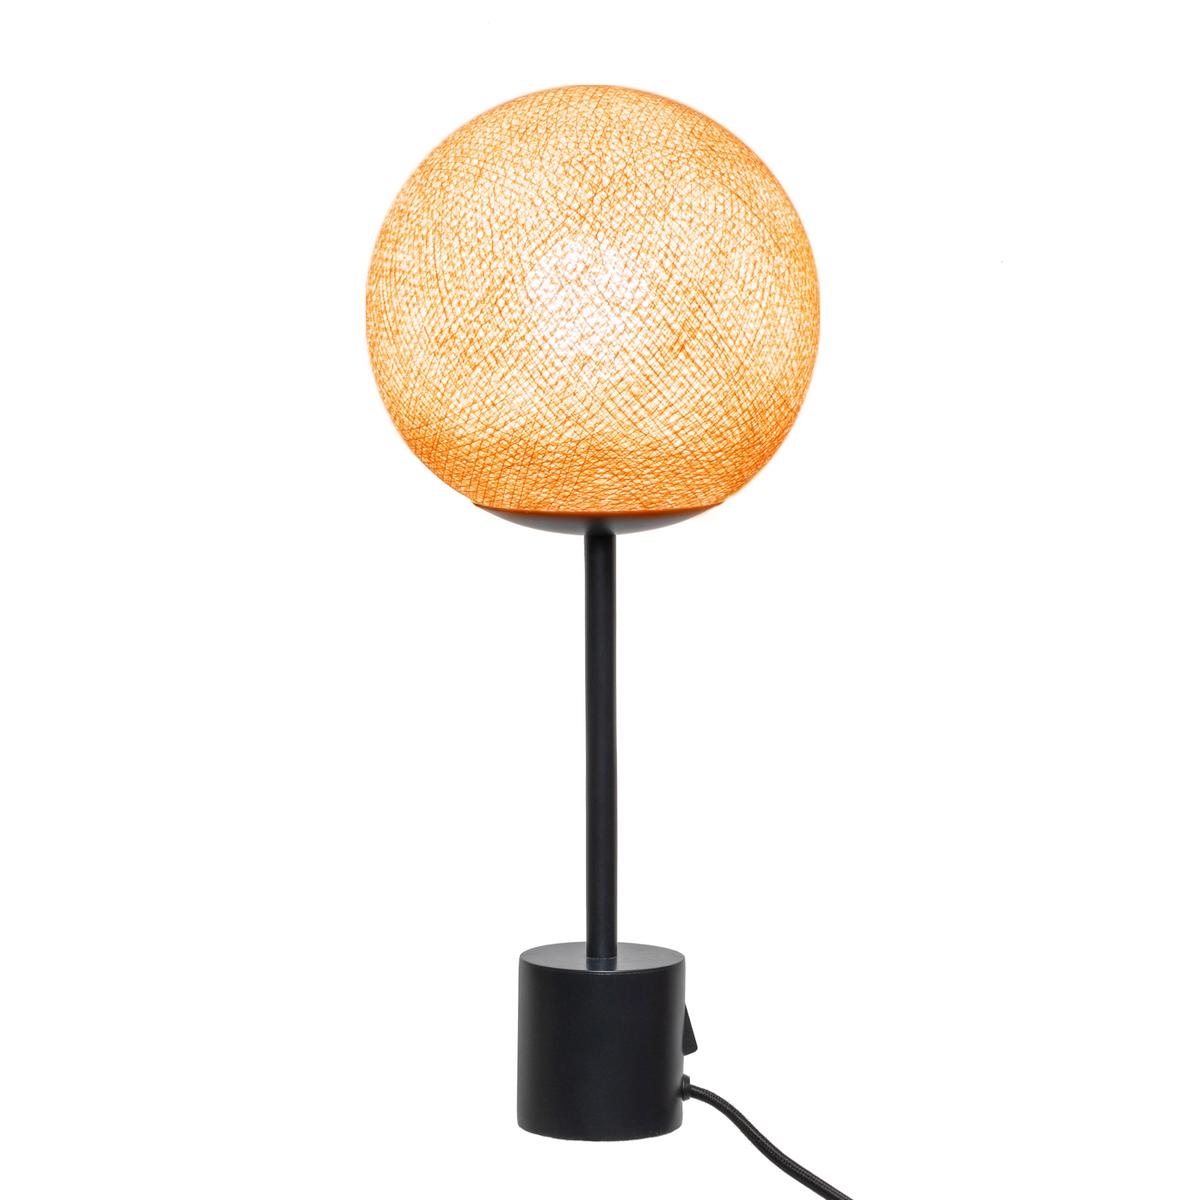 Lampe globe APAPA Blush